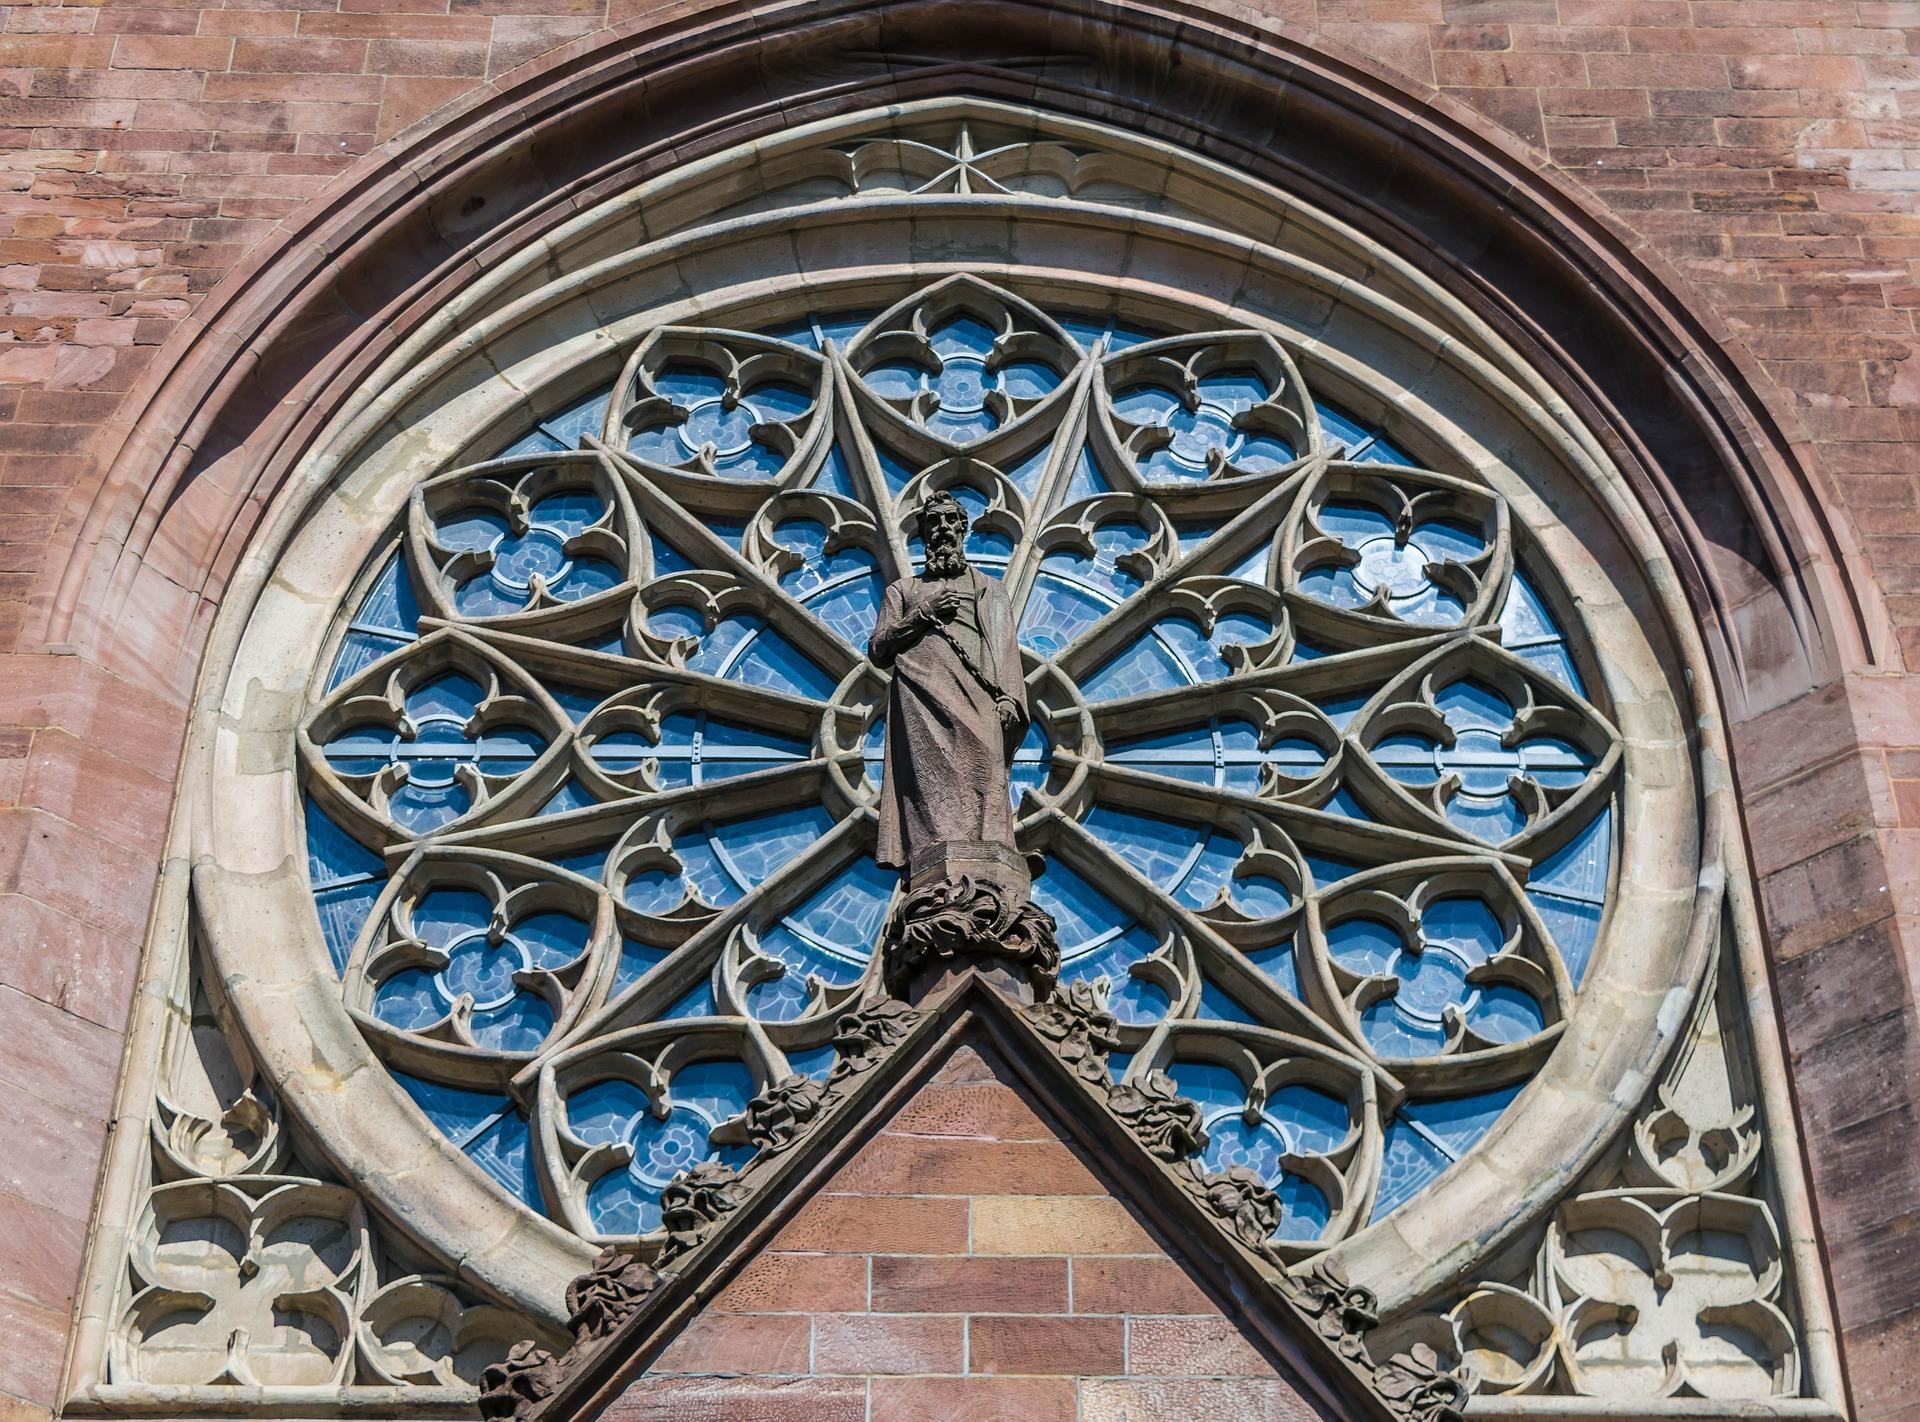 Church architecture photo